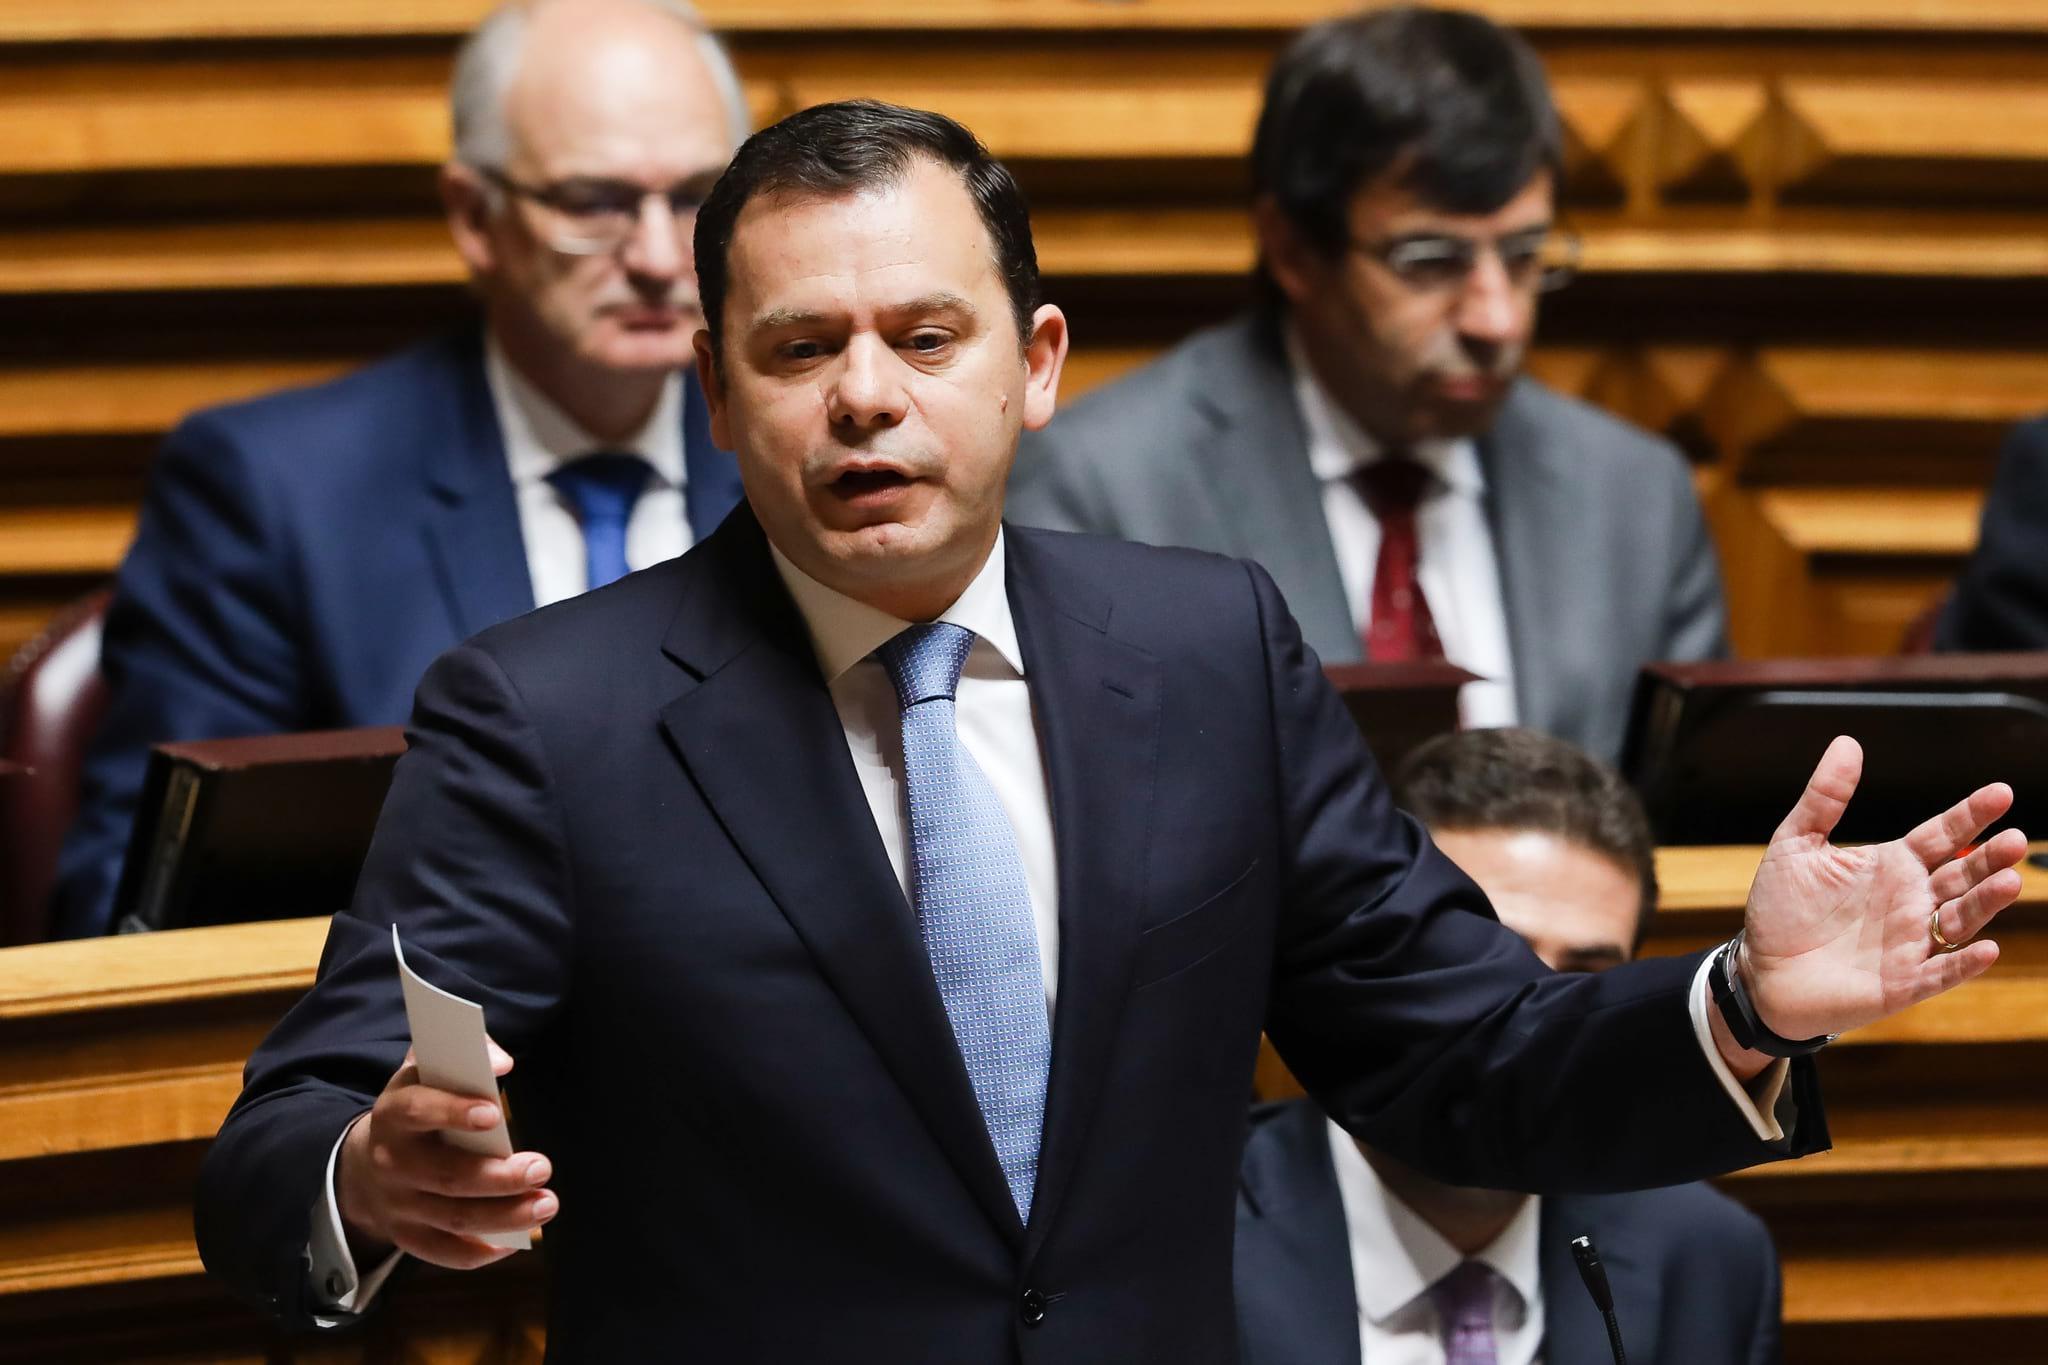 PÚBLICO - Preocupado, Luís Montenegro espera que o país não perca fundos comunitários